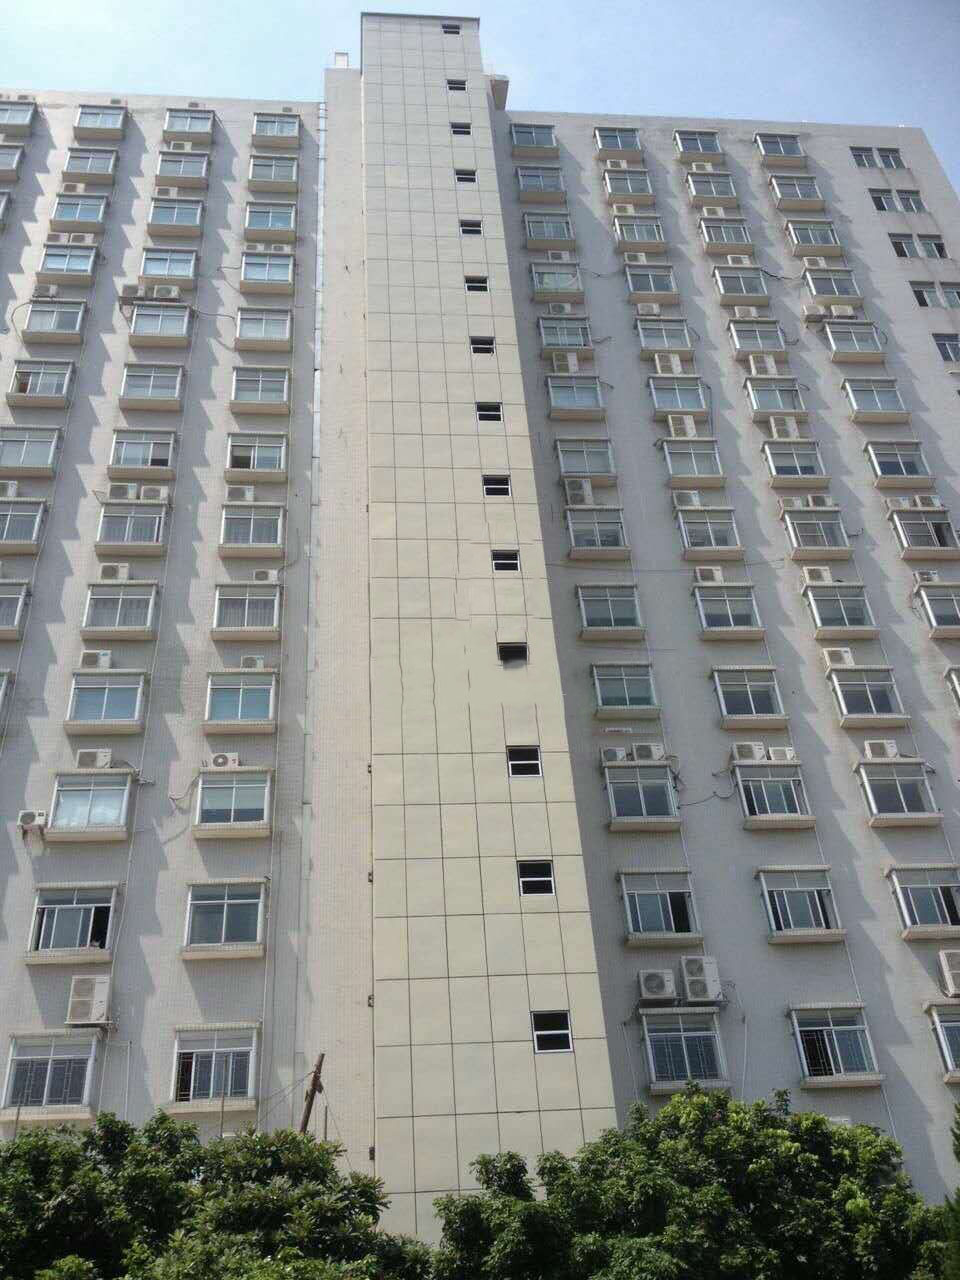 选好用的电梯井道就到广东梯井_深圳电梯井道